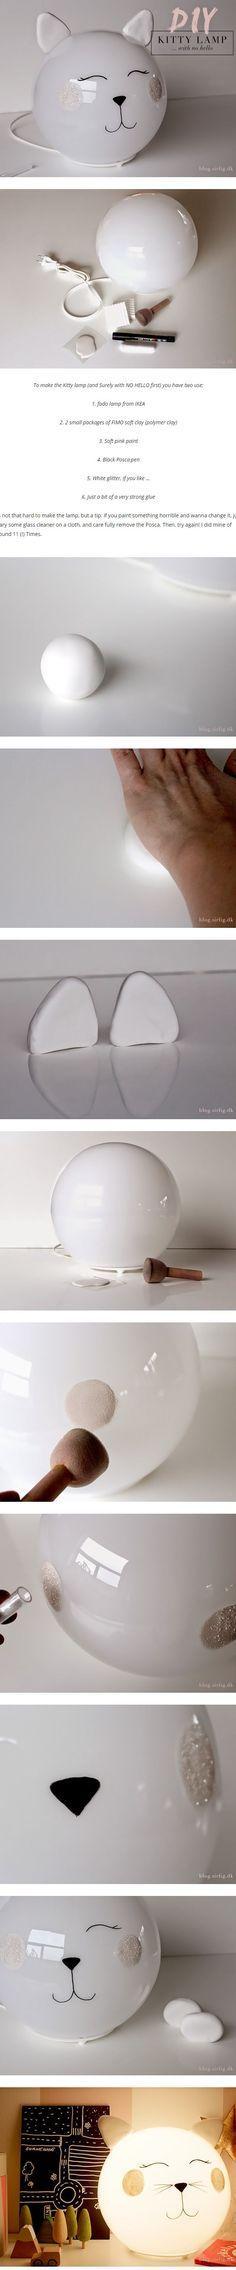 So wird aus eurer Kugel-Lampe ein Kätzchen. ❤️ #IKEAhacks